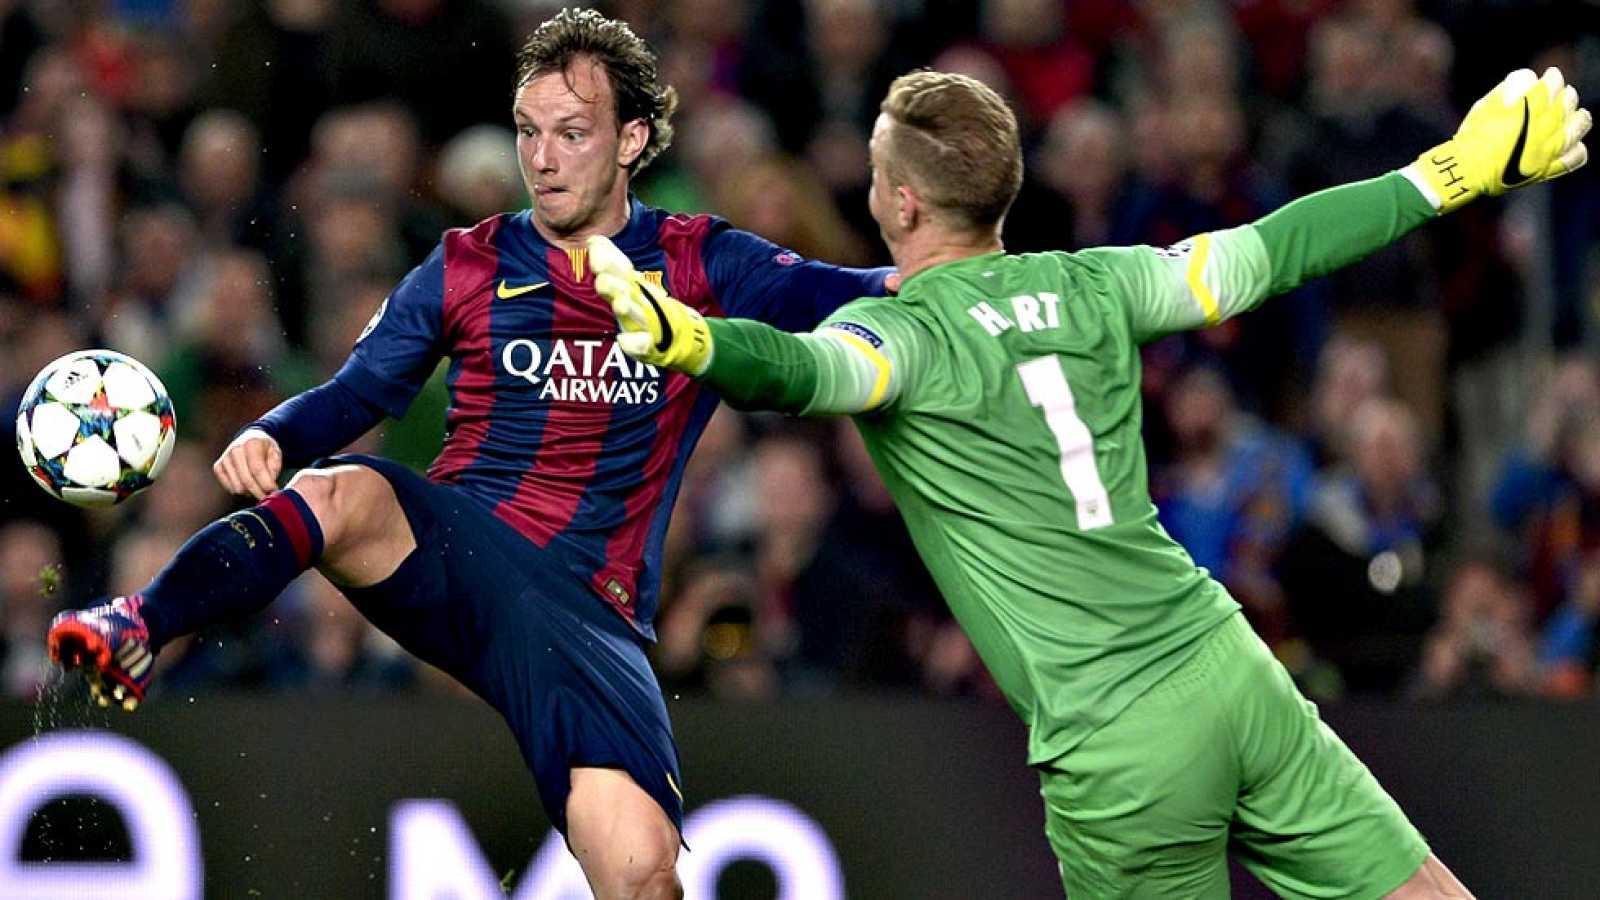 El FC Barcelona ya es equipo de cuartos de final de la Liga de  Campeones al superar este miércoles al Manchester City (1-0) en el  Camp Nou y con el ya bueno 1-2 de la ida, en una noche en la que  brilló Messi sobre todo en la primera parte e hizo m